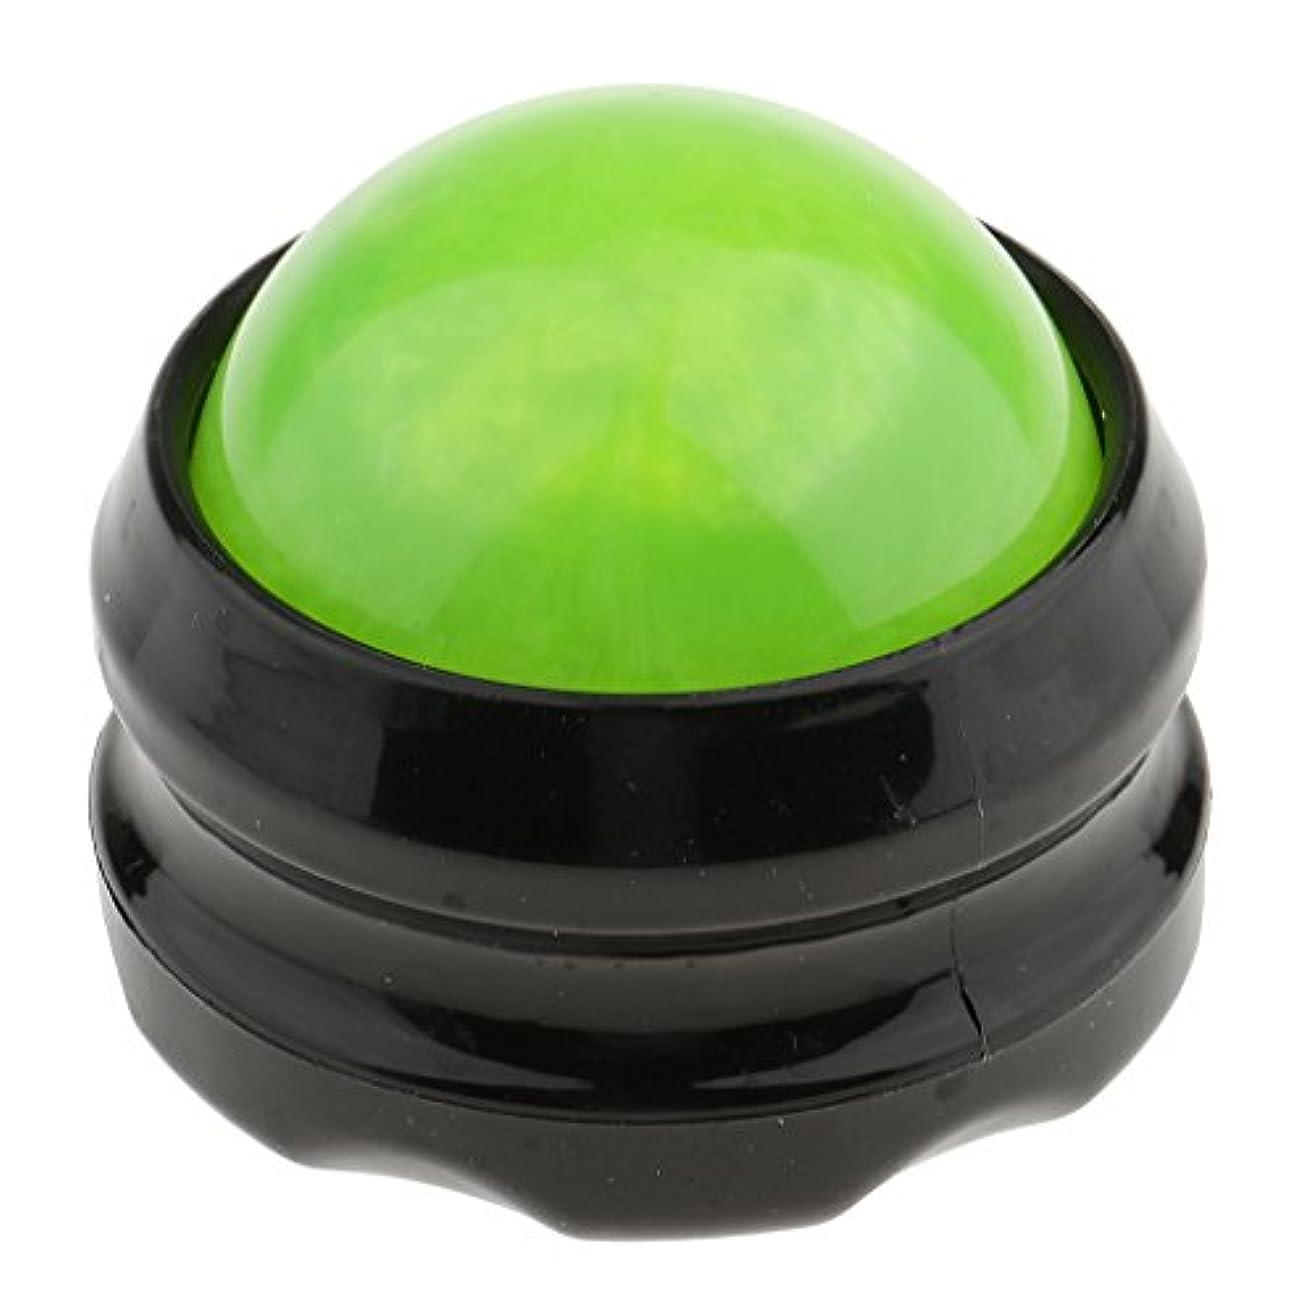 継承数字暗記するchiwanji マッサージ ローラーボール ボディ セルフマッサージ 体 足 背中 首 ヒップ 痛み和らげ 全4色 - グリーンブラック